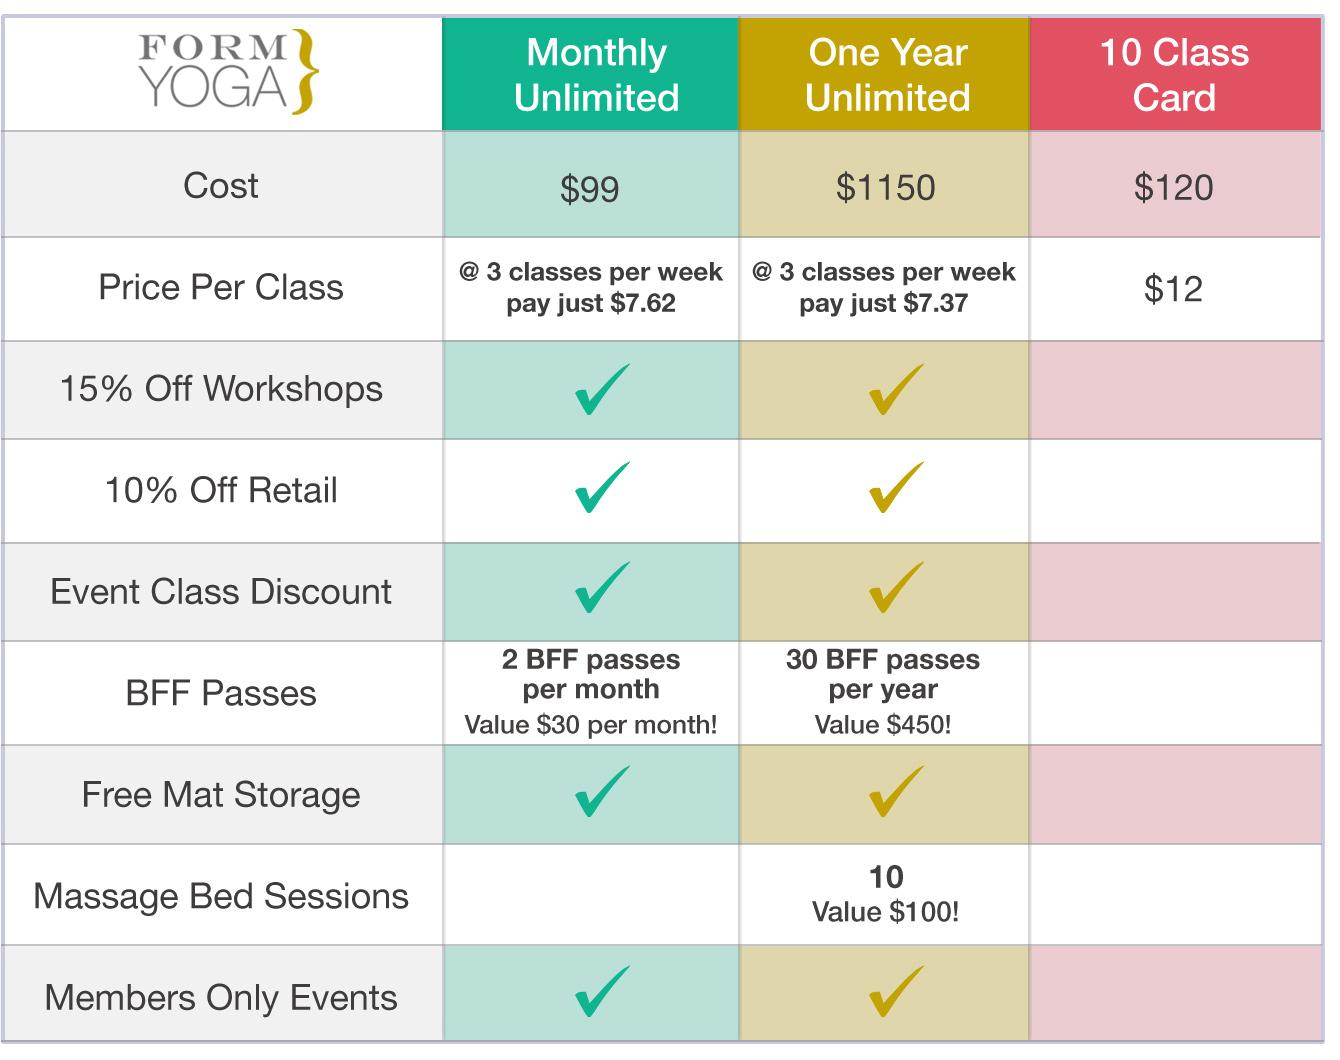 FORM yoga Membership Pricing